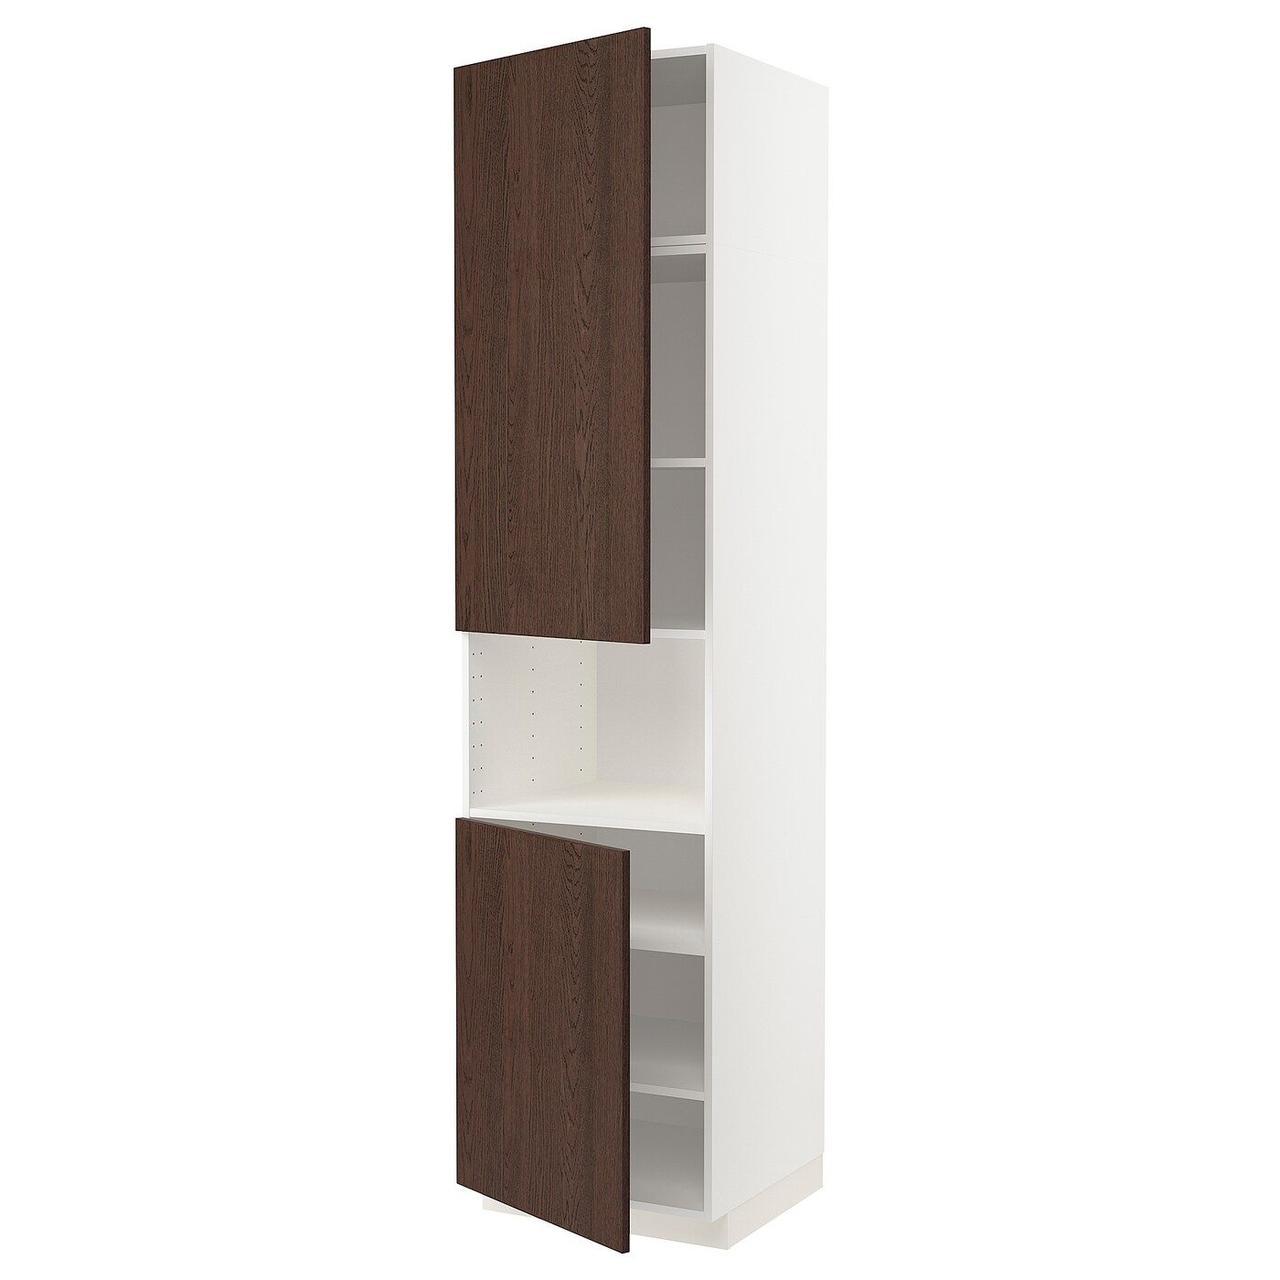 IKEA METOD (ІКЕА МЕТОДИ) 89405064